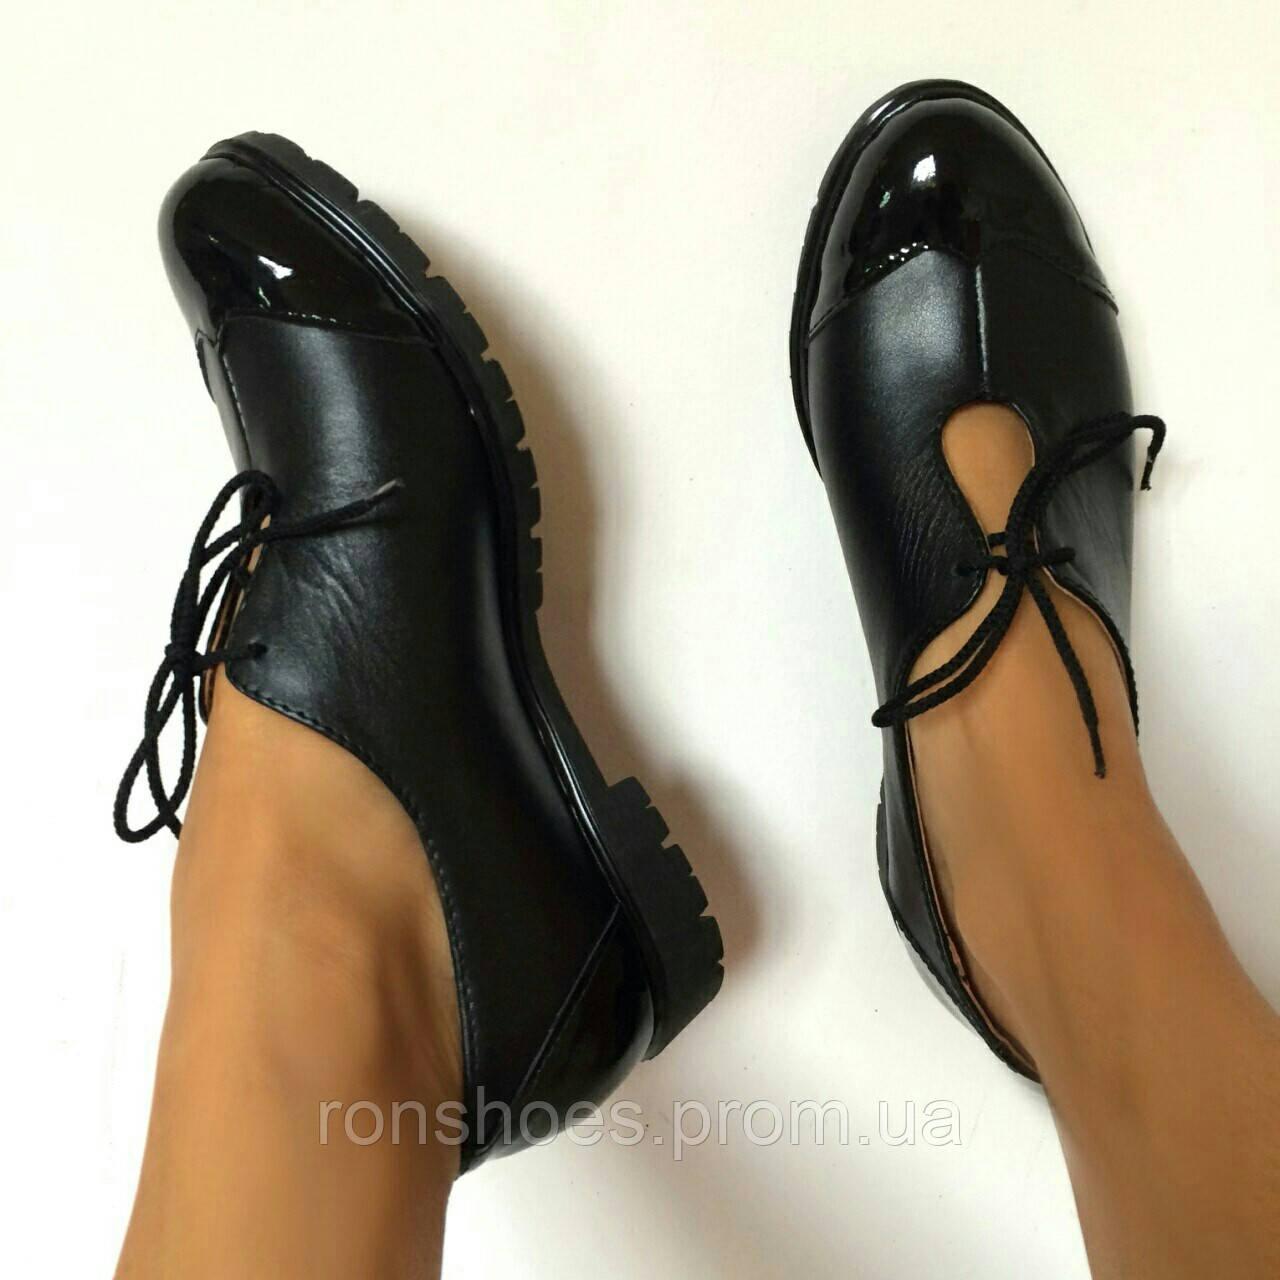 Купить Классика жанра.Женские кожаные туфли от TroisRois из натуральной  кожи и лака. в ... 13dfcb510d3